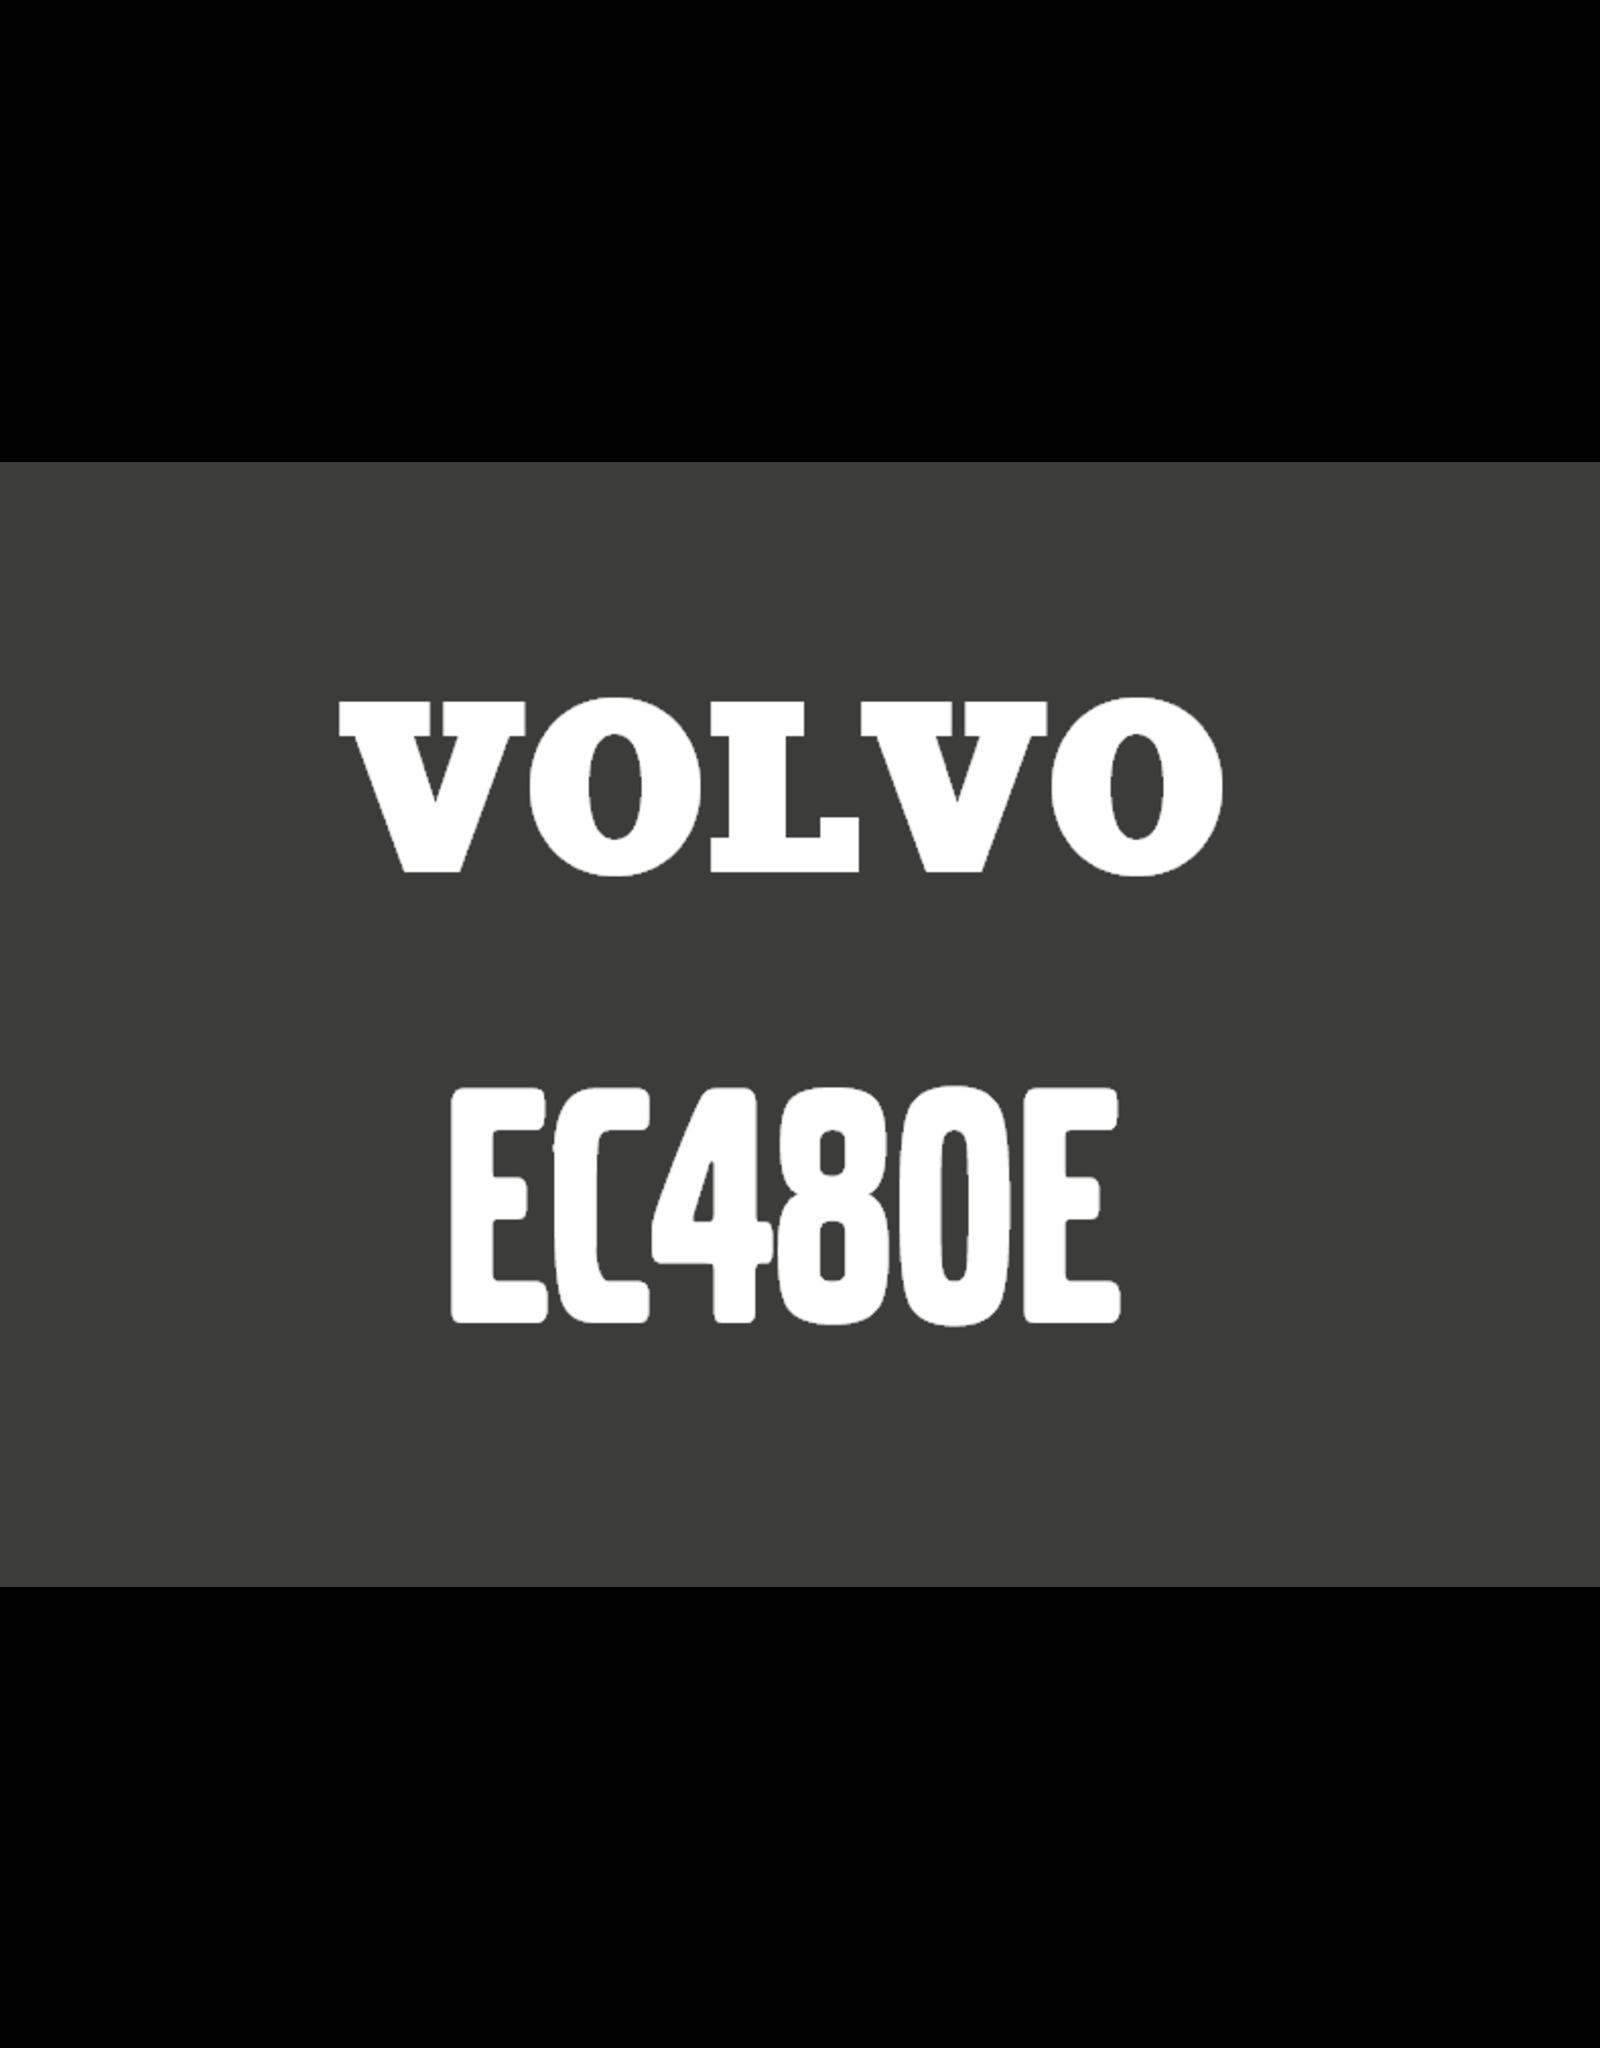 Echle Hartstahl GmbH FOPS for Volvo EC480E